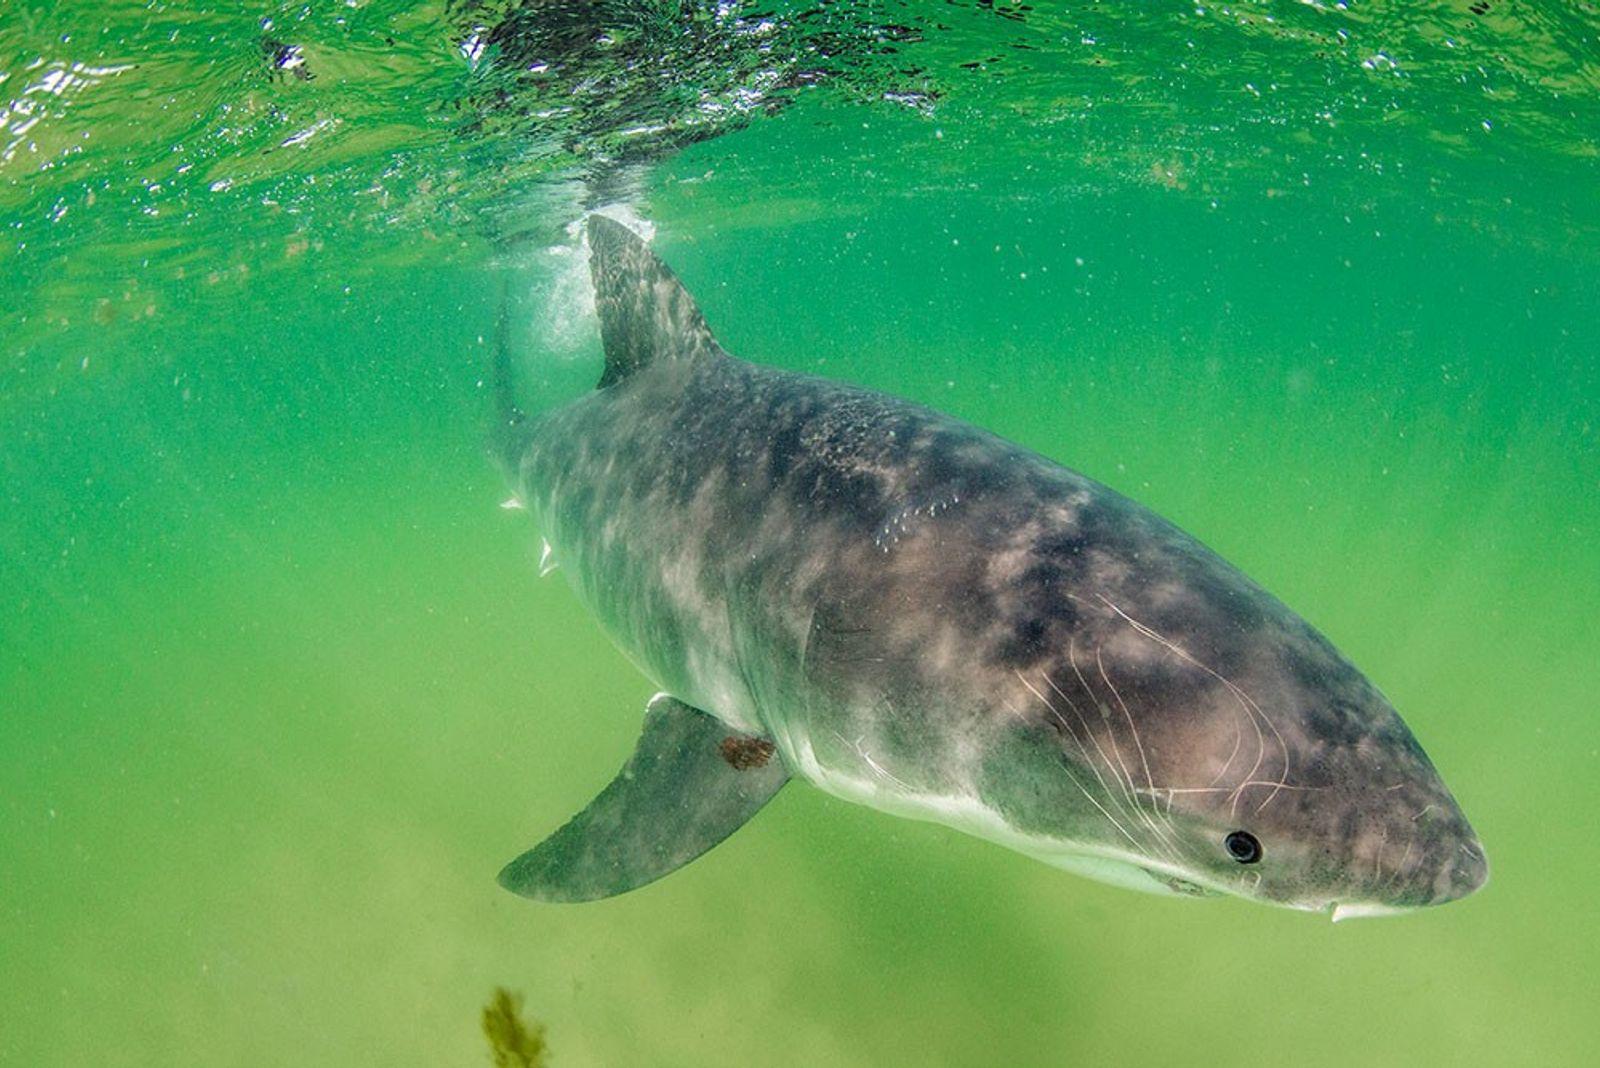 Este fotógrafo de tiburones pide prudencia tras un ataque mortal